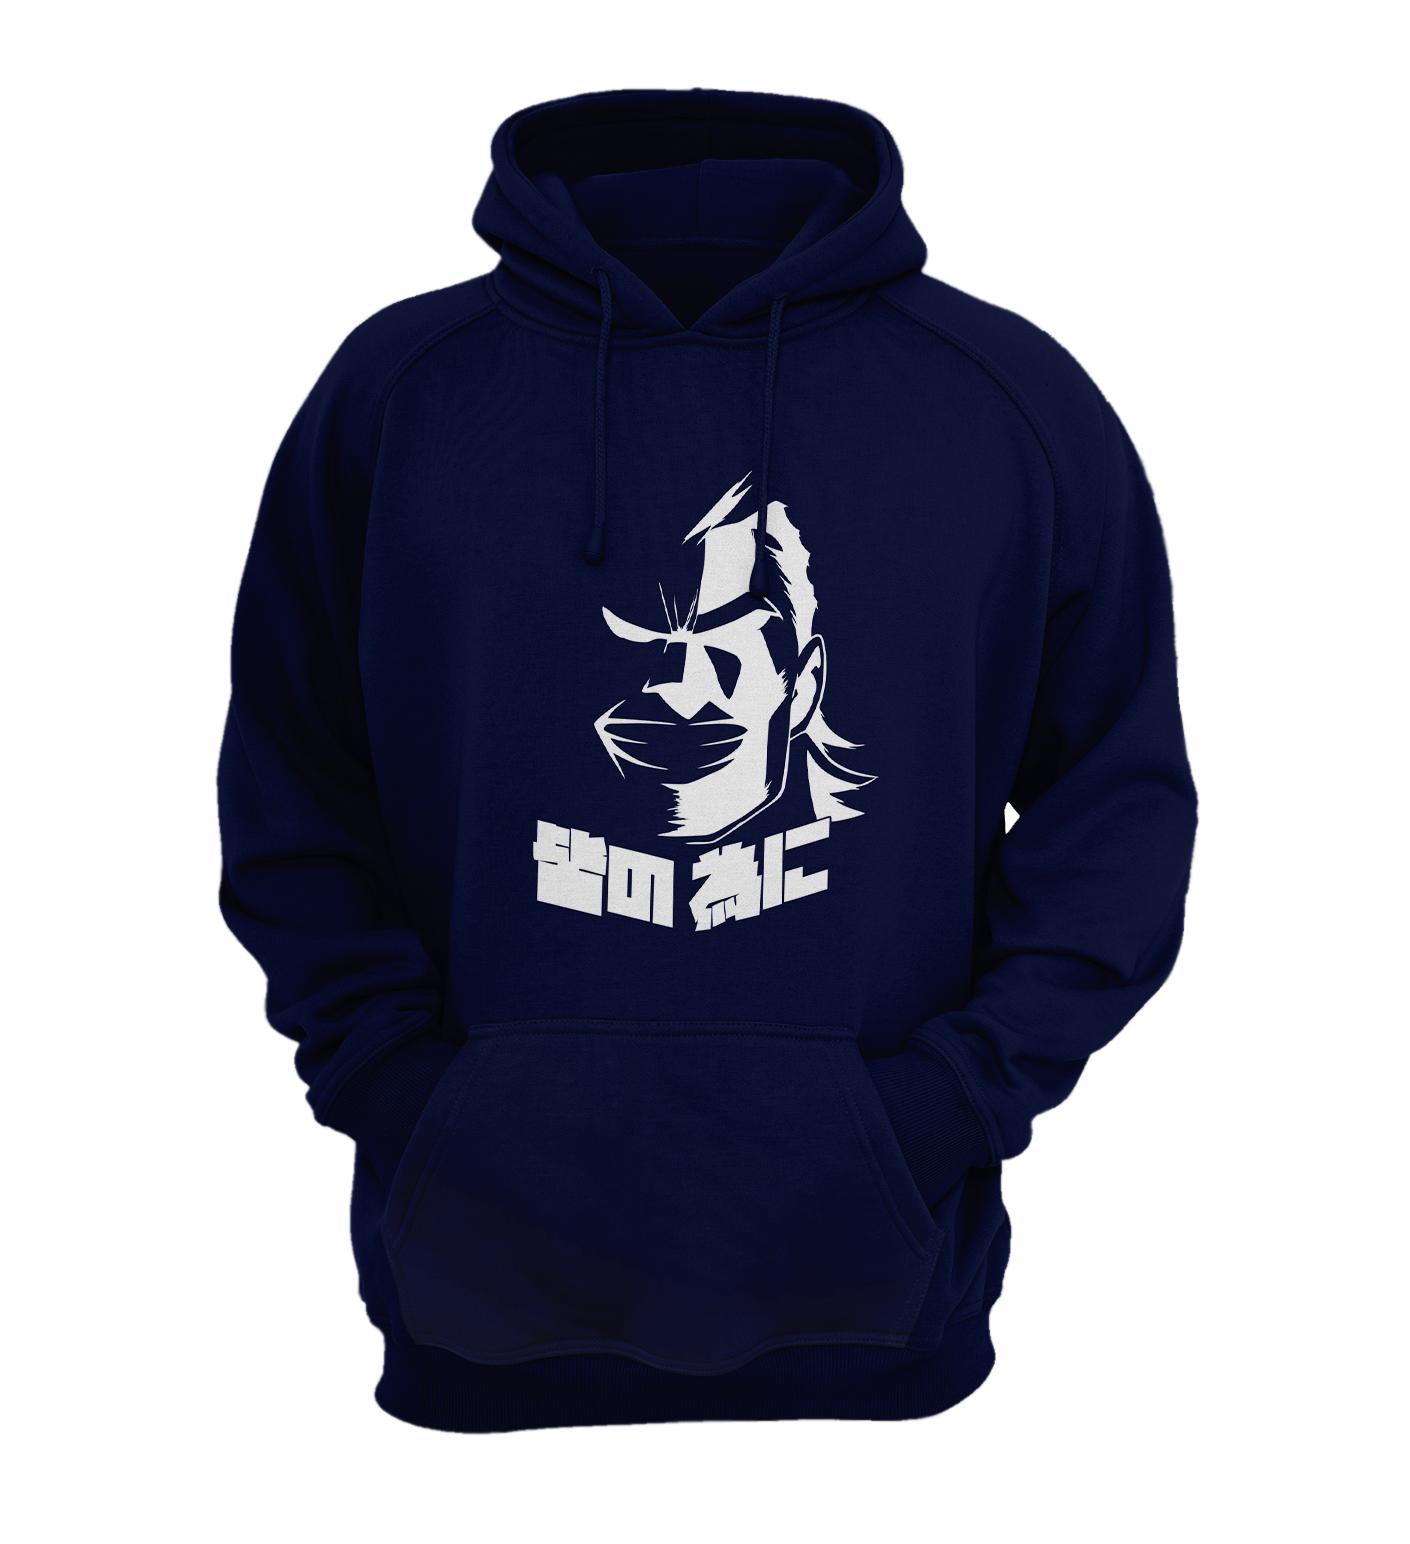 jaket pria sweater hoodie jumper boku no hero all might i  jaket kekinian jaket suiter wanita – jaket anime oem kuhaku